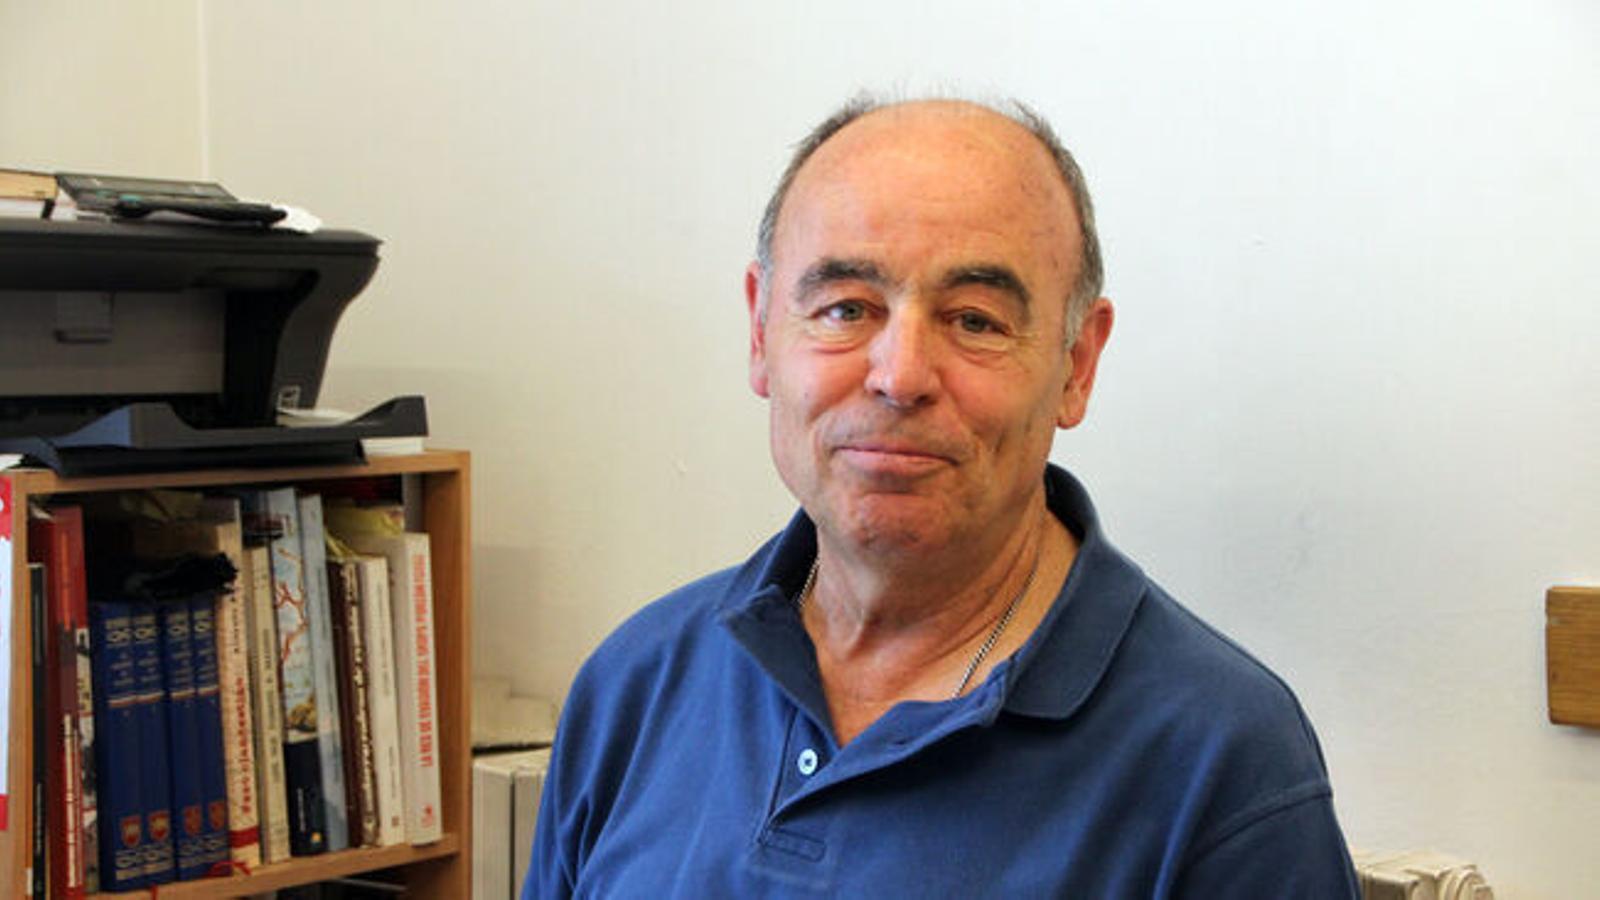 Claude Benet, en un imatge d'arxiu. / ARXIU ANA